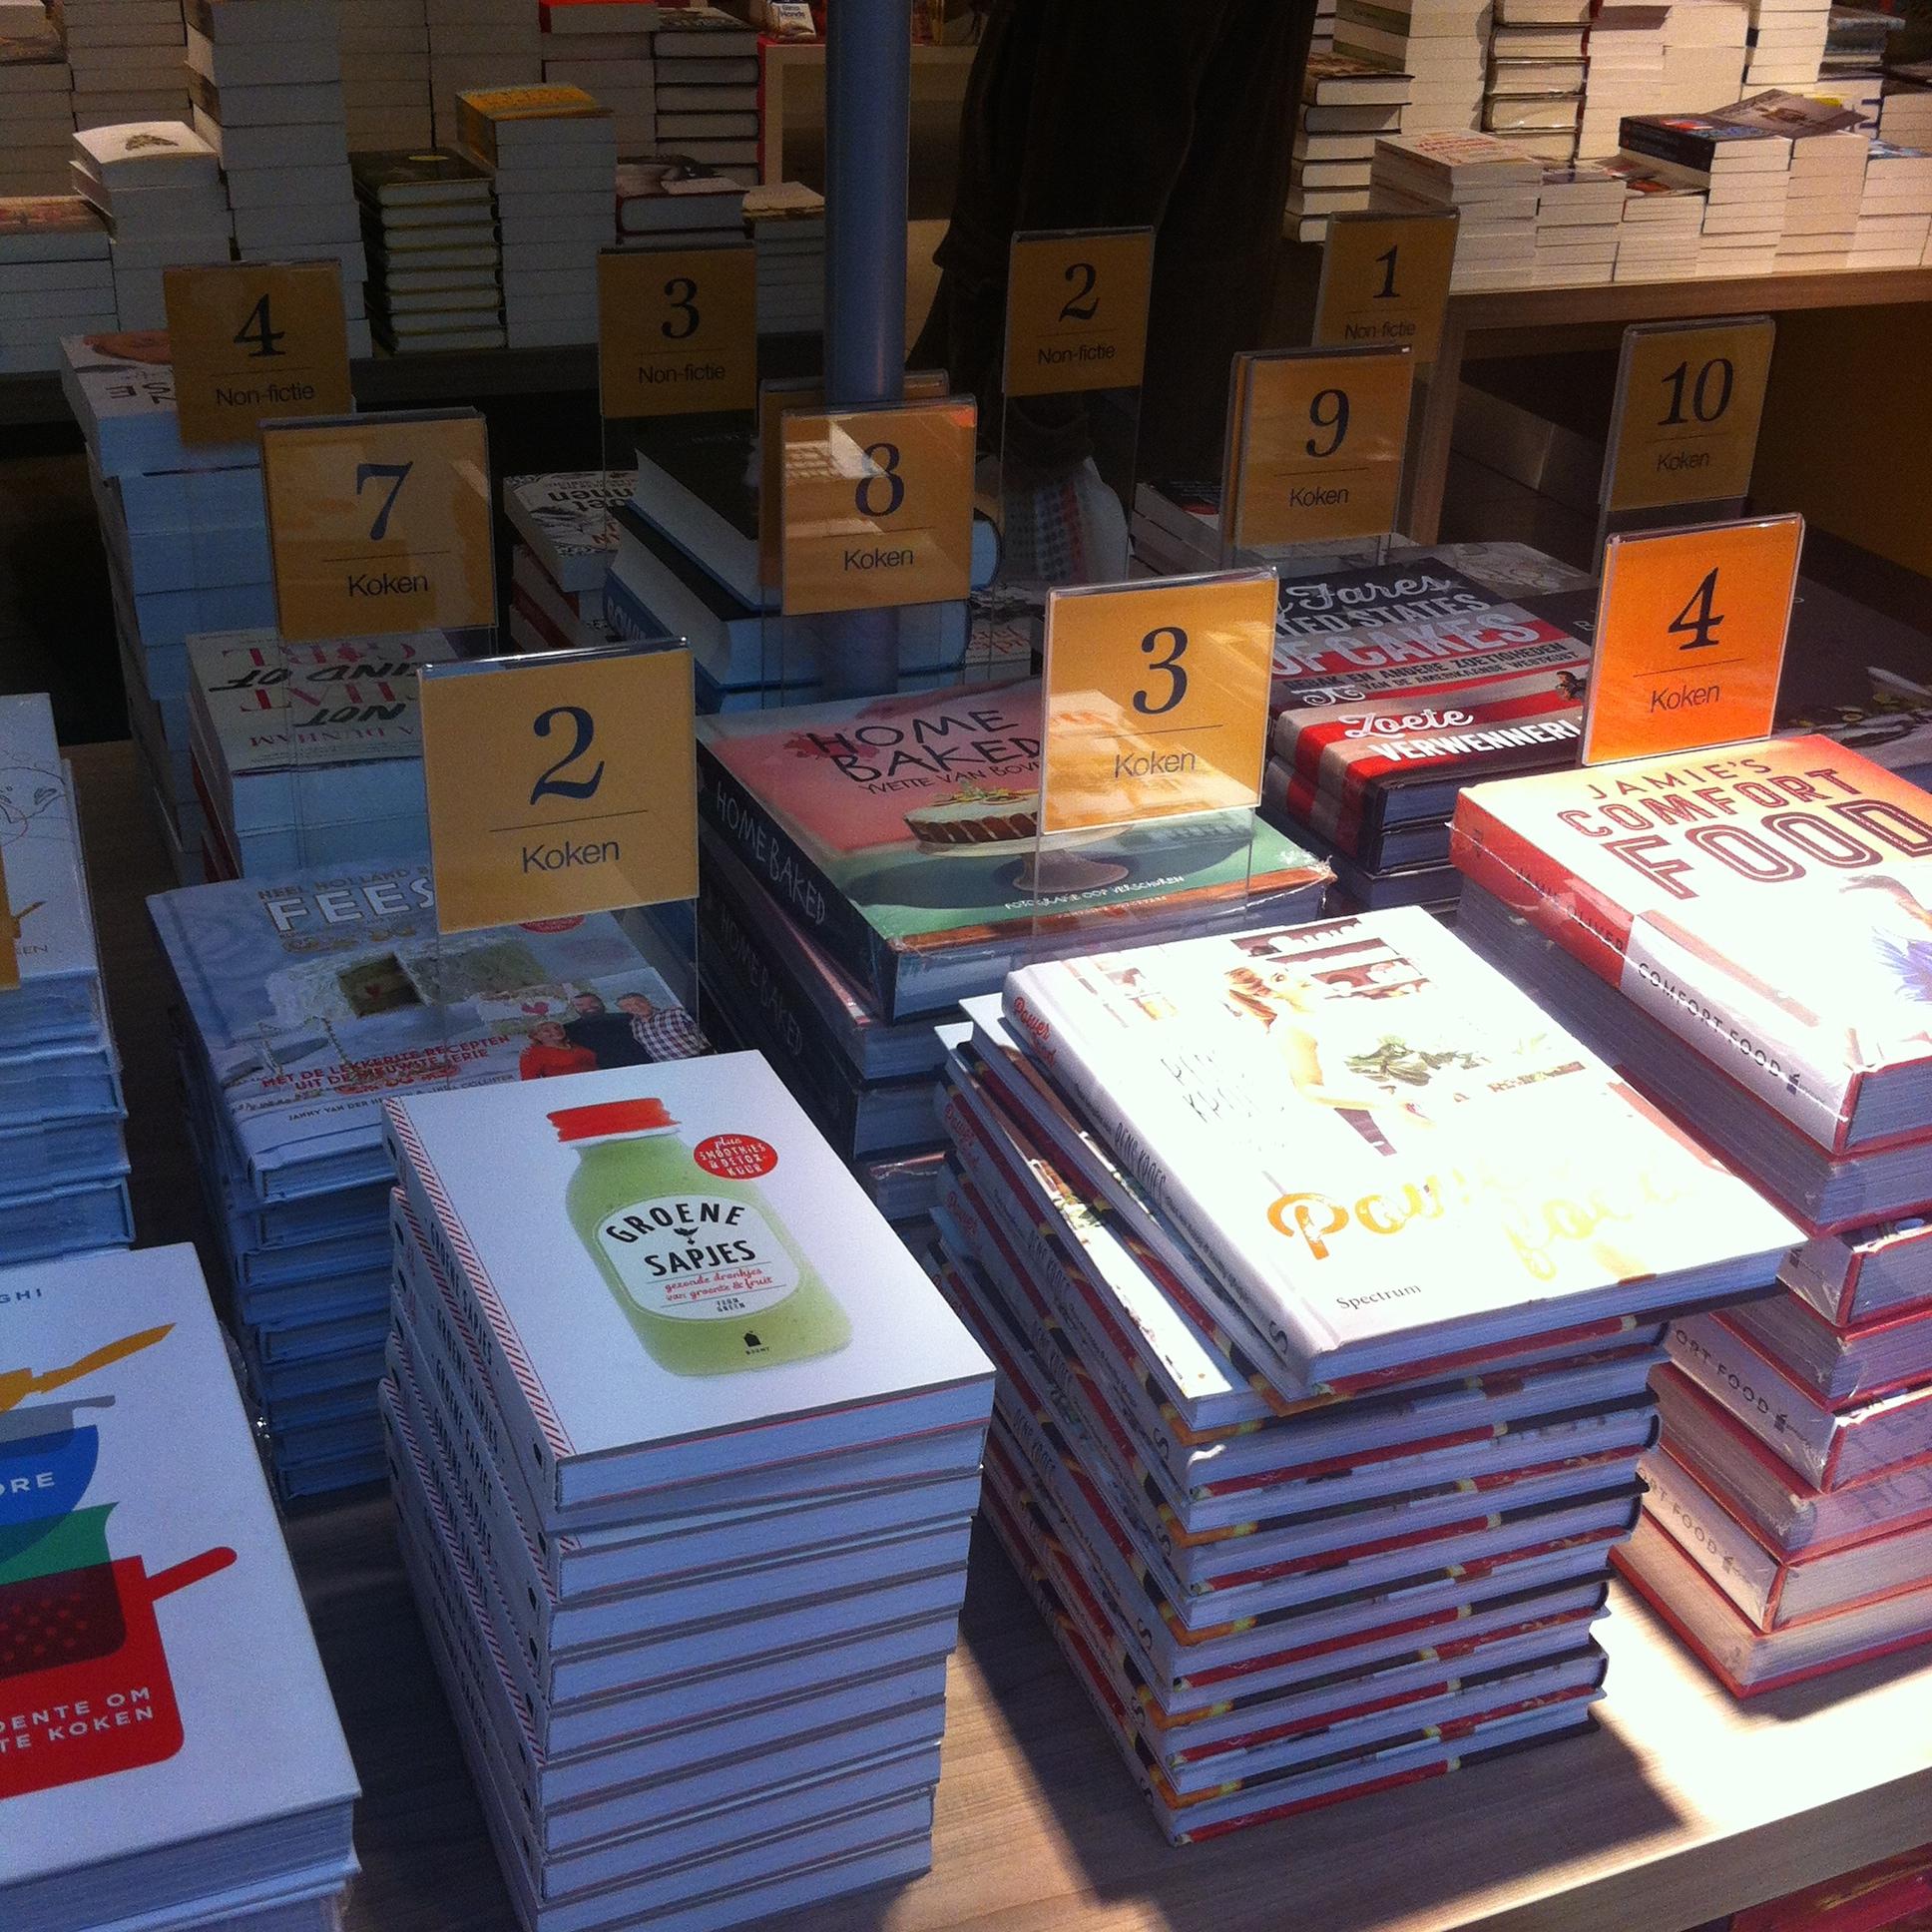 Onderweg naar de klantenservice in De Bijenkorf, maar ik word even afgeleid. WHAAA ik wil ze ALLEMAAL! #kookboeken